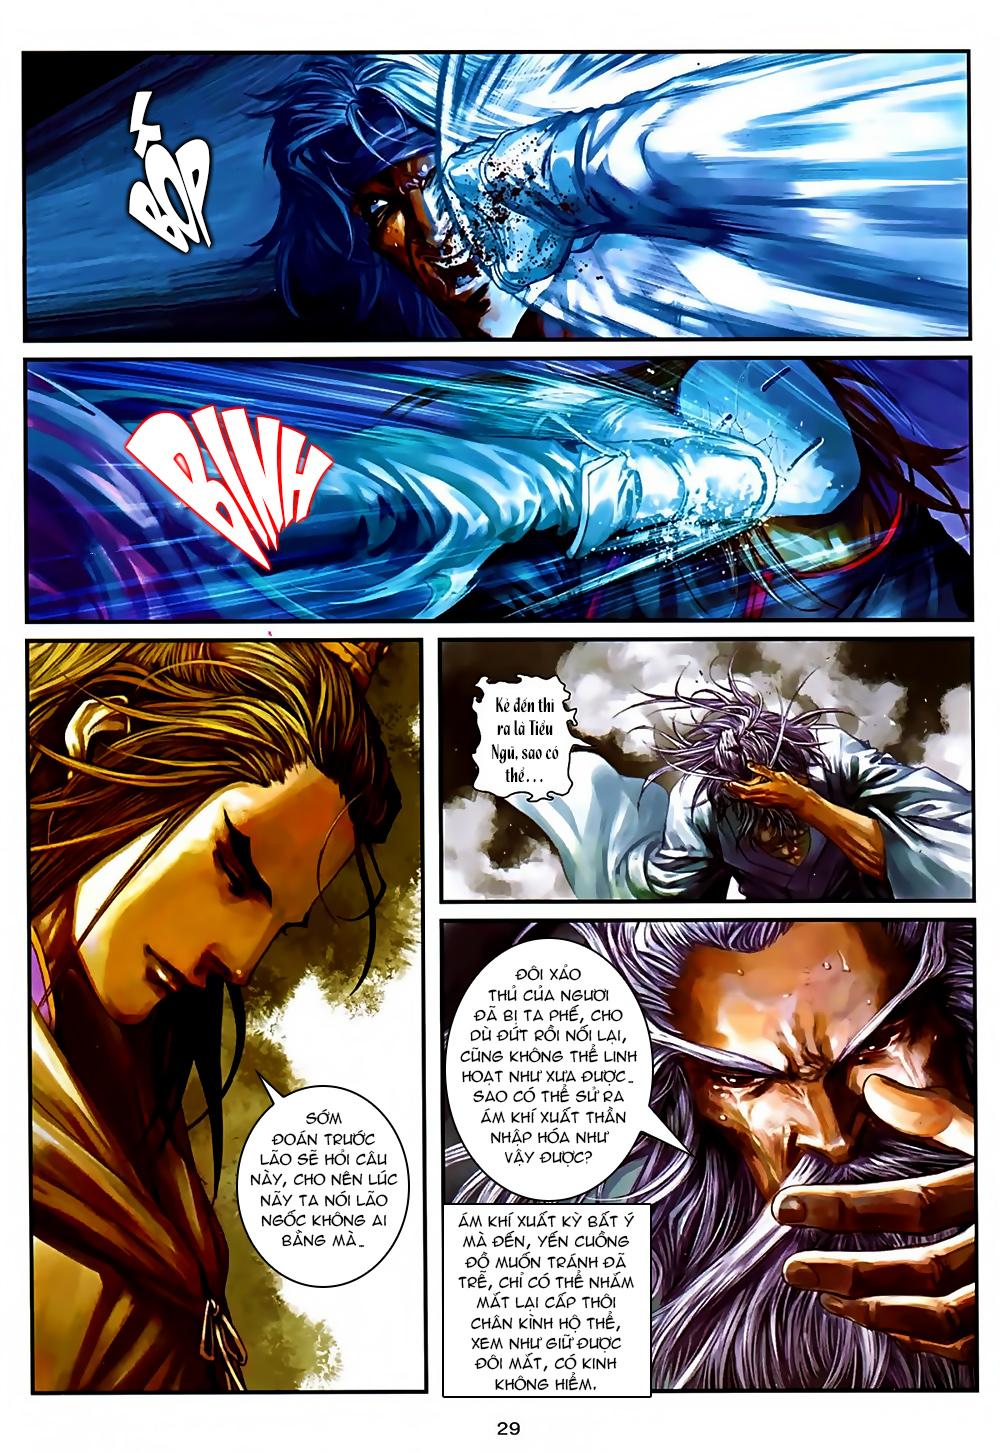 Ôn Thuỵ An Quần Hiệp Truyện Phần 2 chapter 37 trang 28